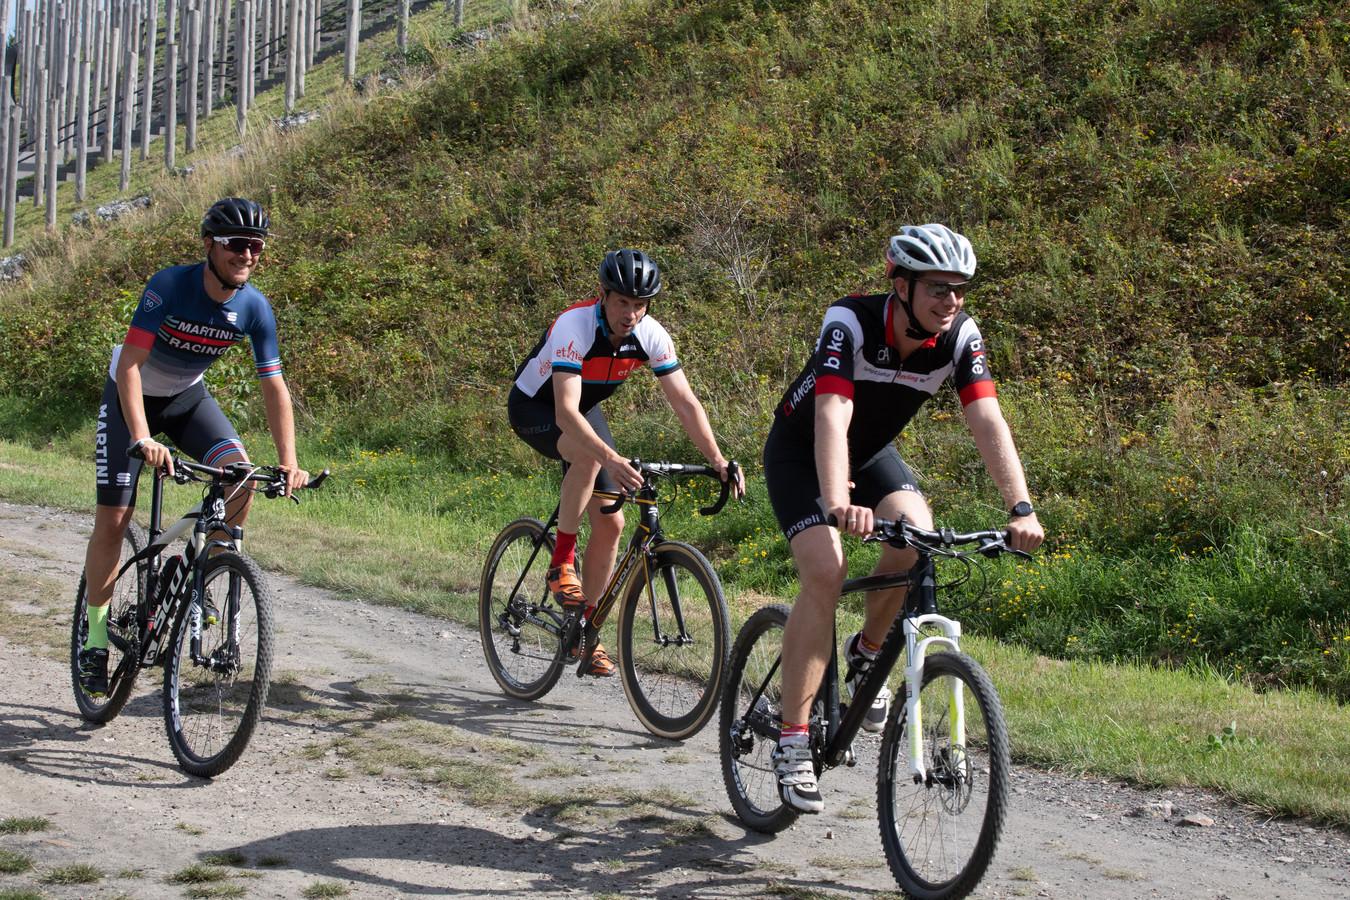 Voorstelling Ethias Cross in Beringen, met een sportieve burgemeester Thomas Vints (rechts)